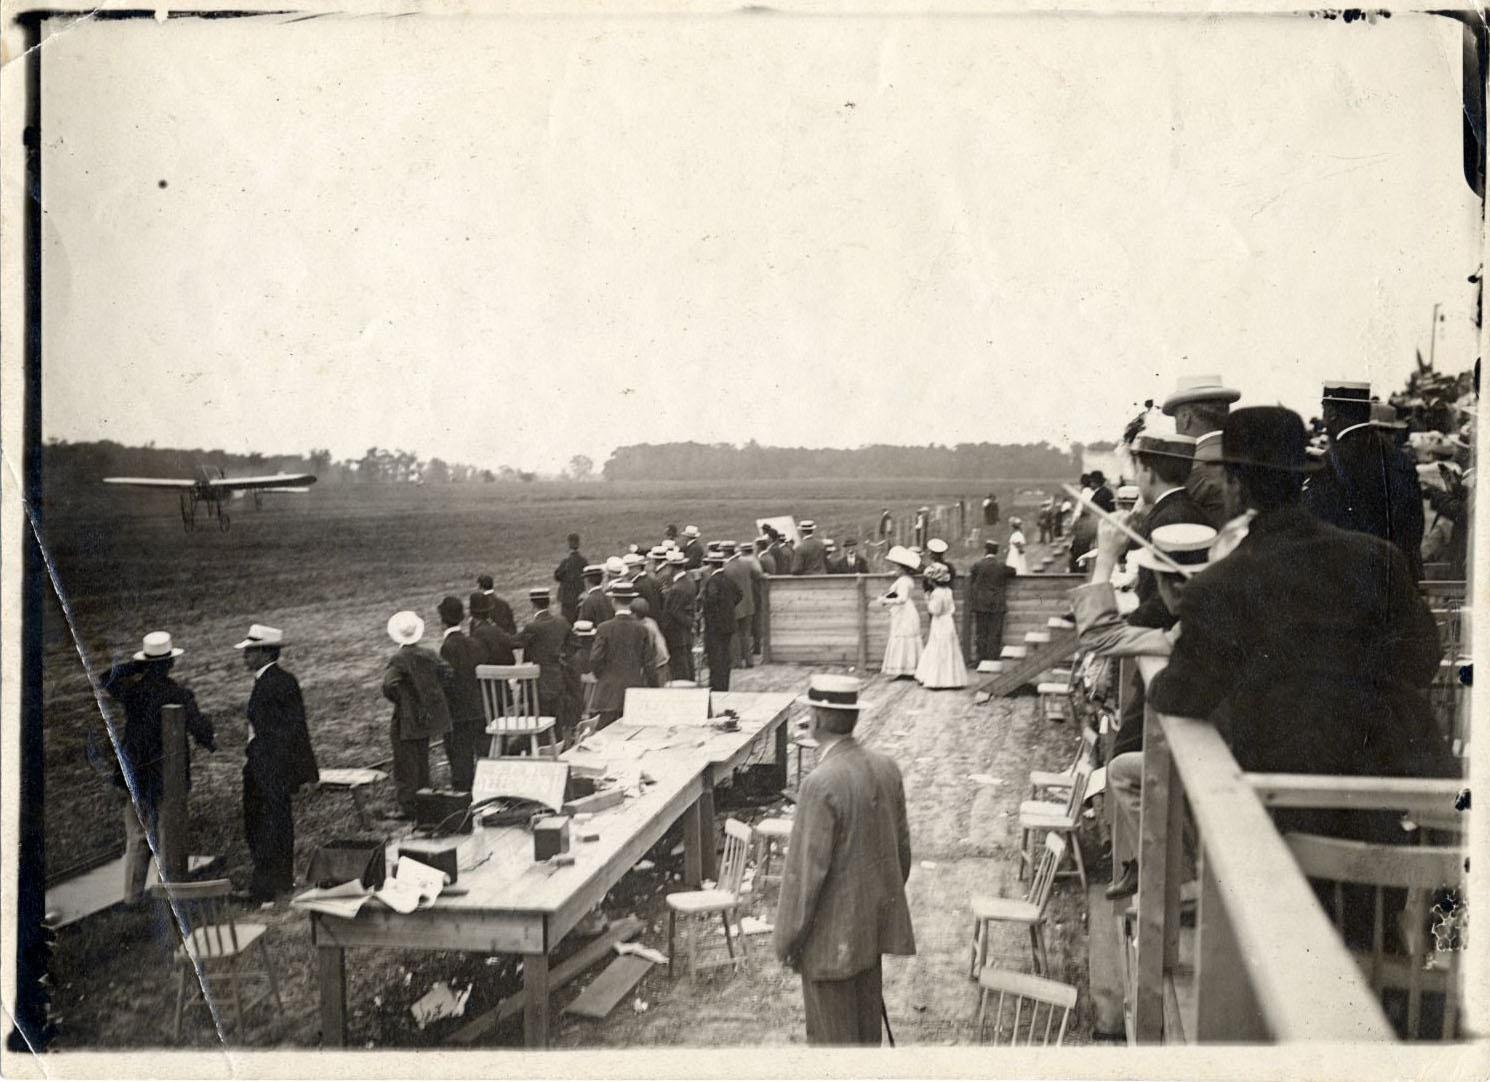 Vue éloignée en plongée, prise des estrades derrière l'équipe de la presse, lors de l'atterrissage du « Scarabée », avec à son bord le comte Jacques de Lesseps, à Pointe-Claire (Lakeside).